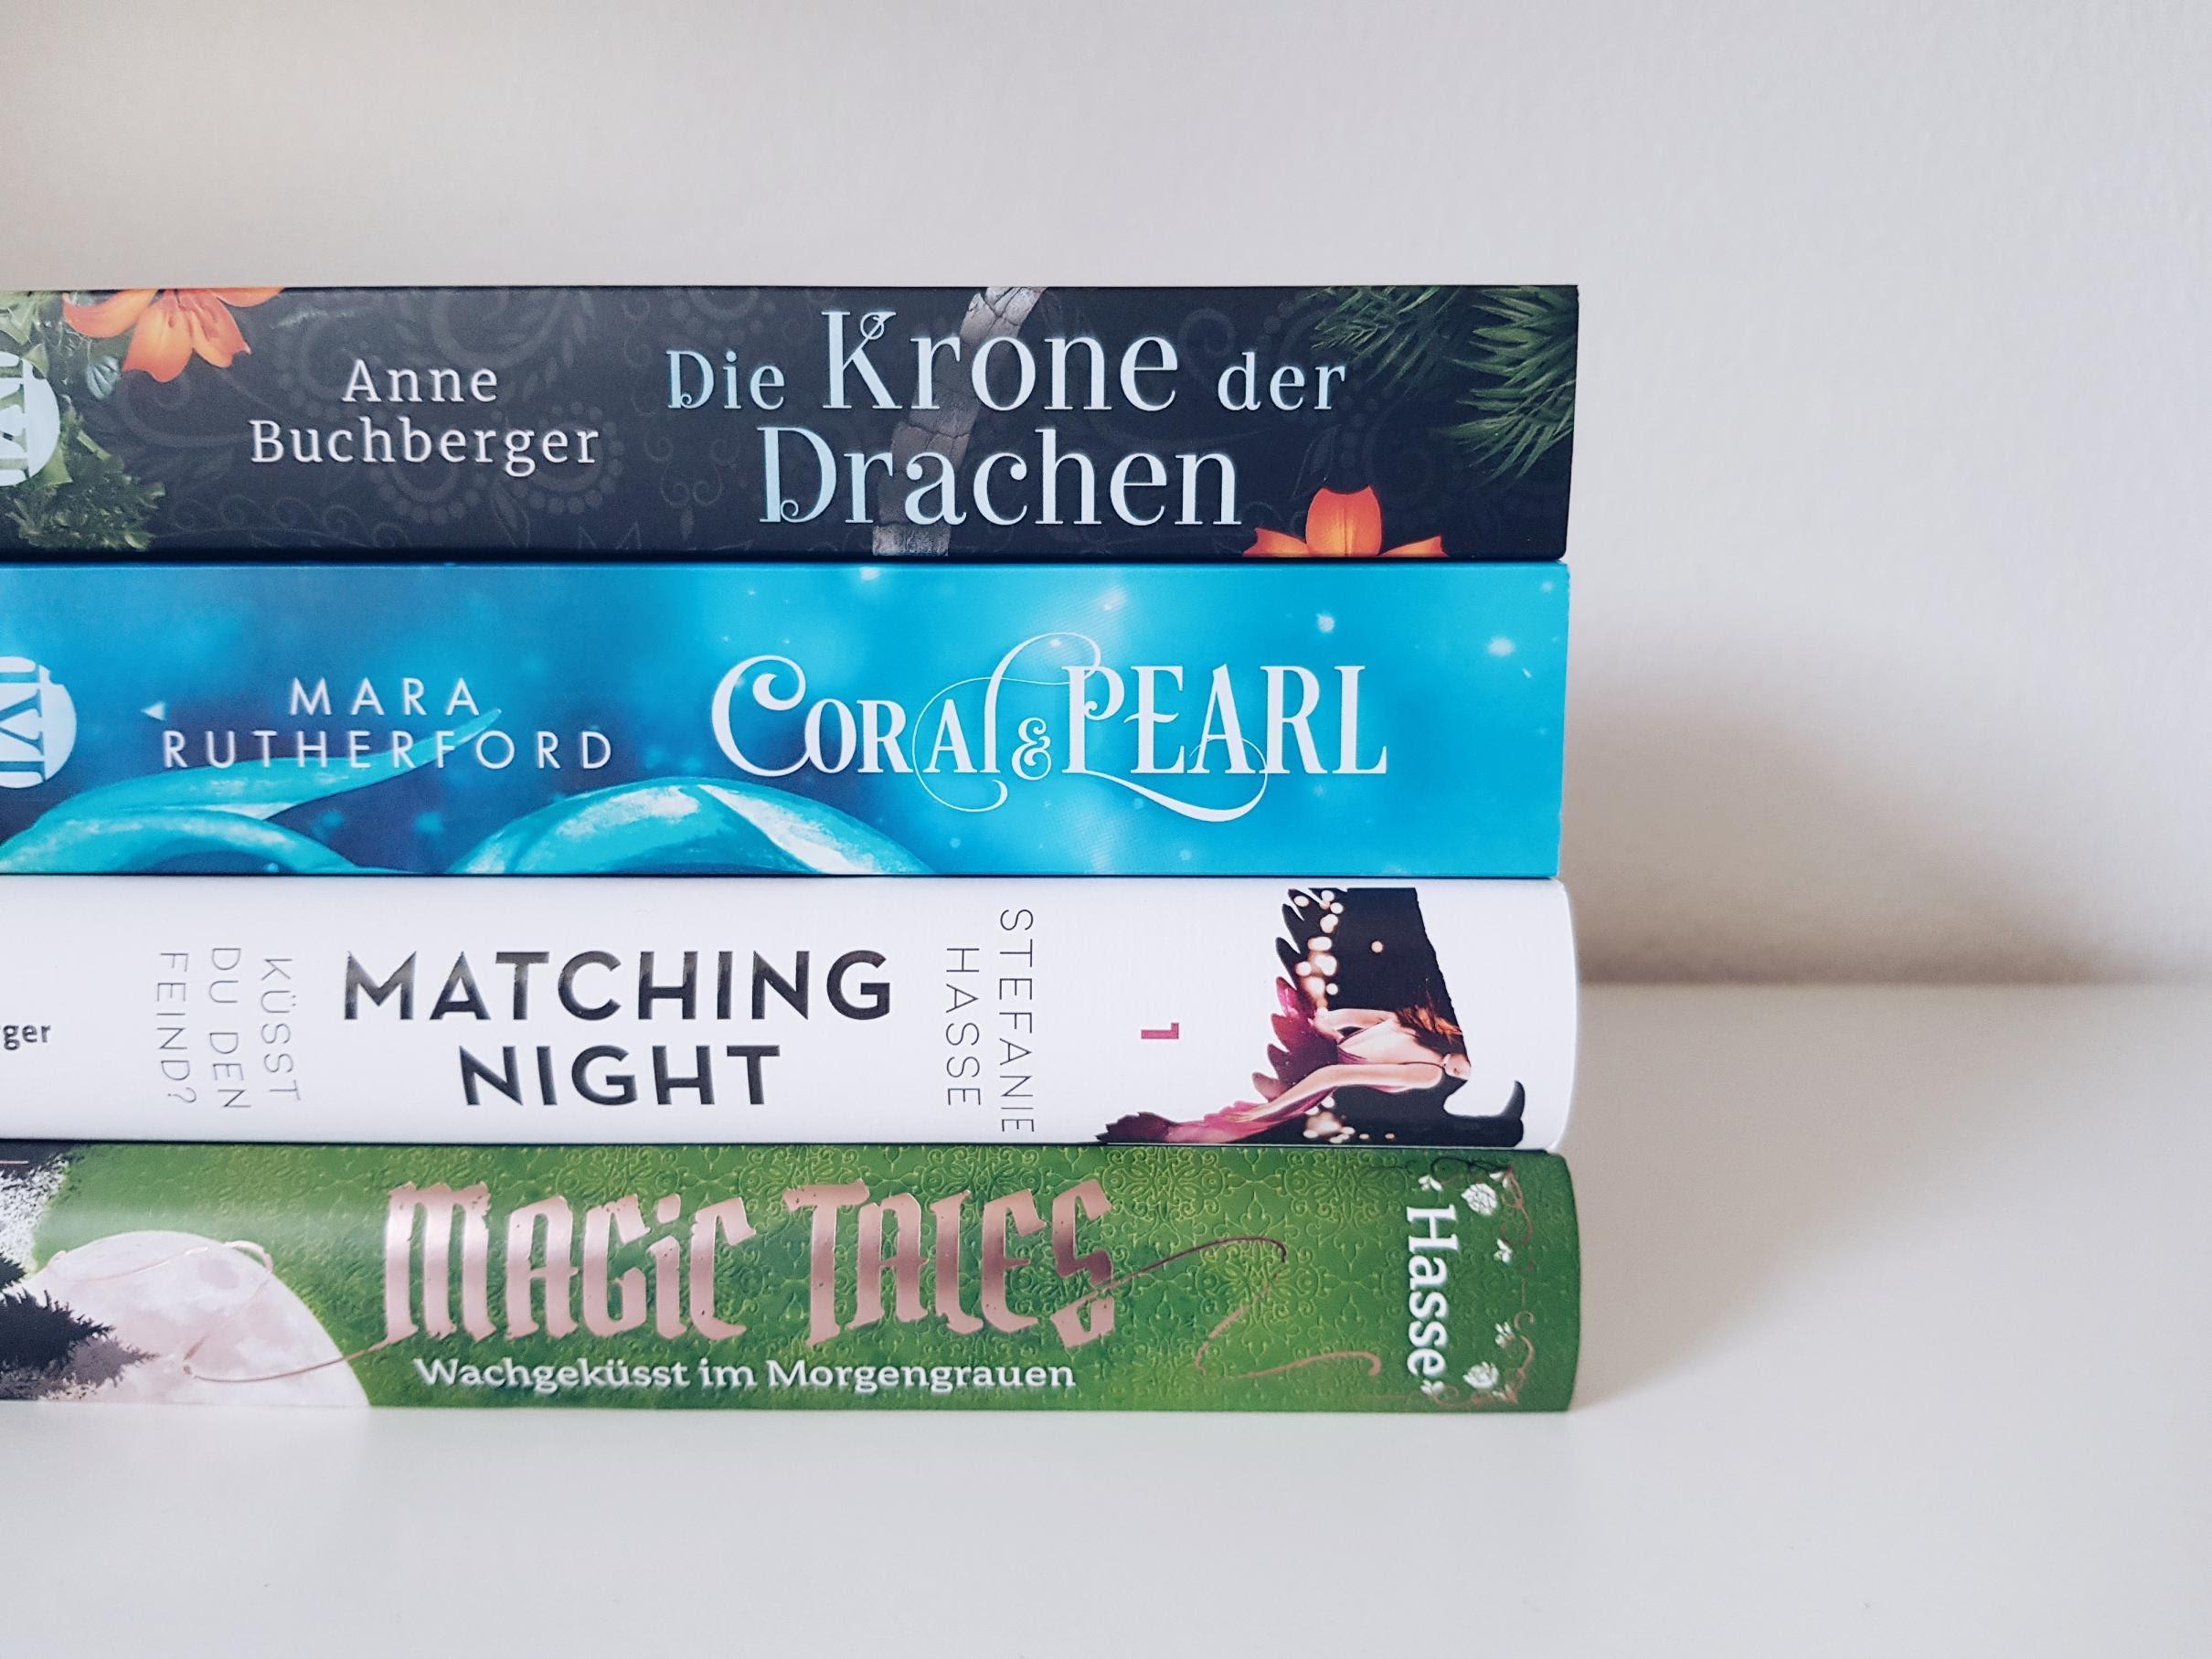 Bücherblog. Neuzugänge Bücher. Jugendbuch. Fantasy. März 2021.